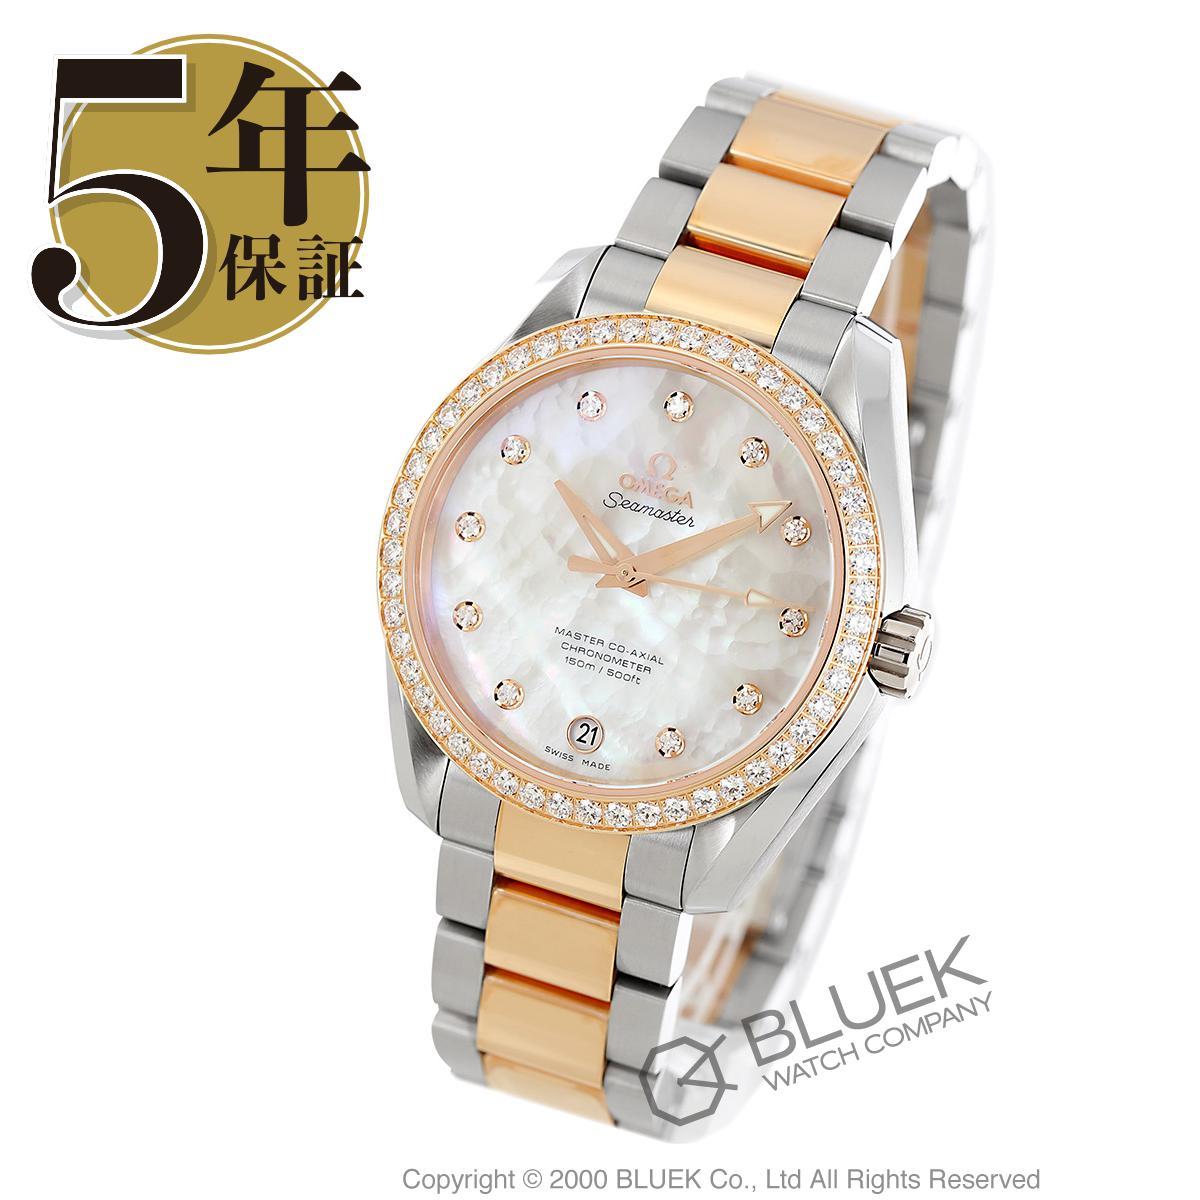 オメガ シーマスター アクアテラ ダイヤ 腕時計 ユニセックス OMEGA 231.25.39.21.55.001_5